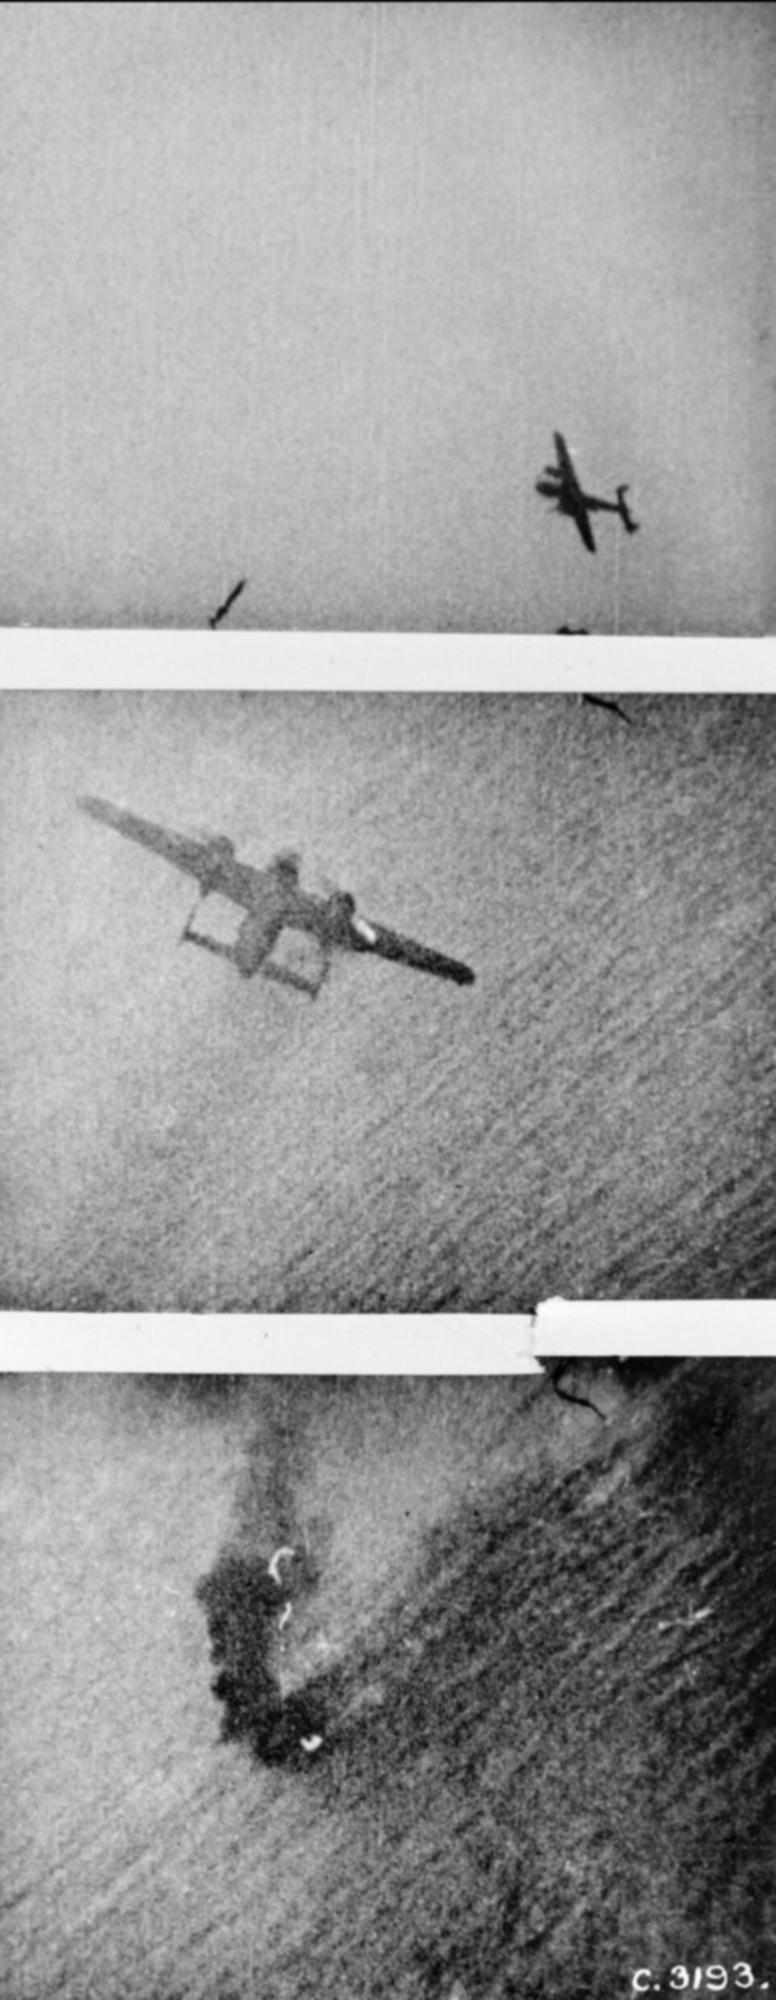 RAF 312Sqn Sgt M Liskutin shots down a Dornier Do 217 over the Channel Dieppe raid IWM C3193